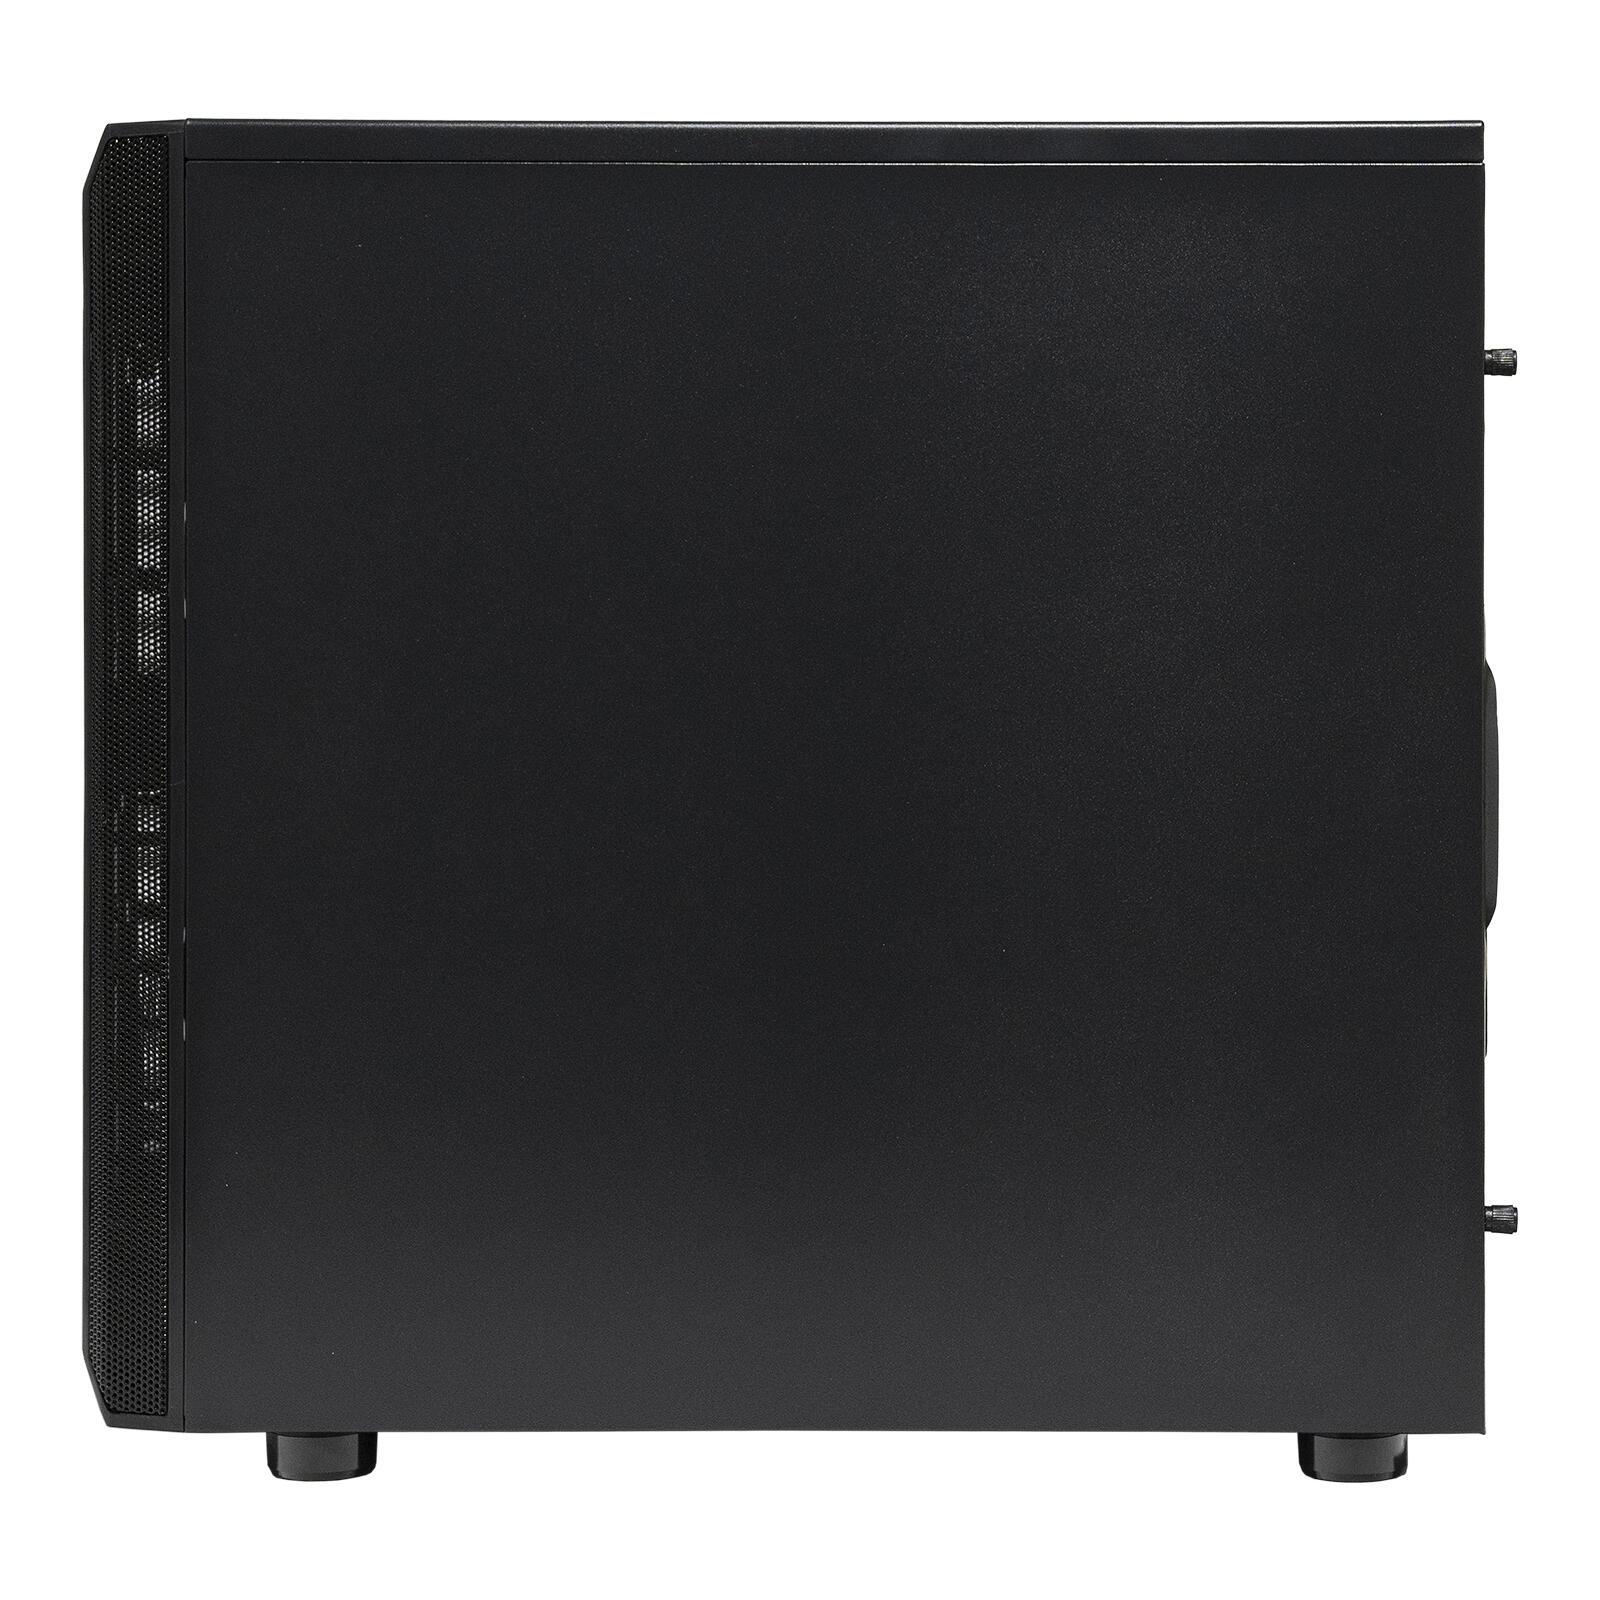 Kompyutery i komplektuyushcie - Obzor i test korpusa Thermaltake Versa J23 Tempered Glass Edition